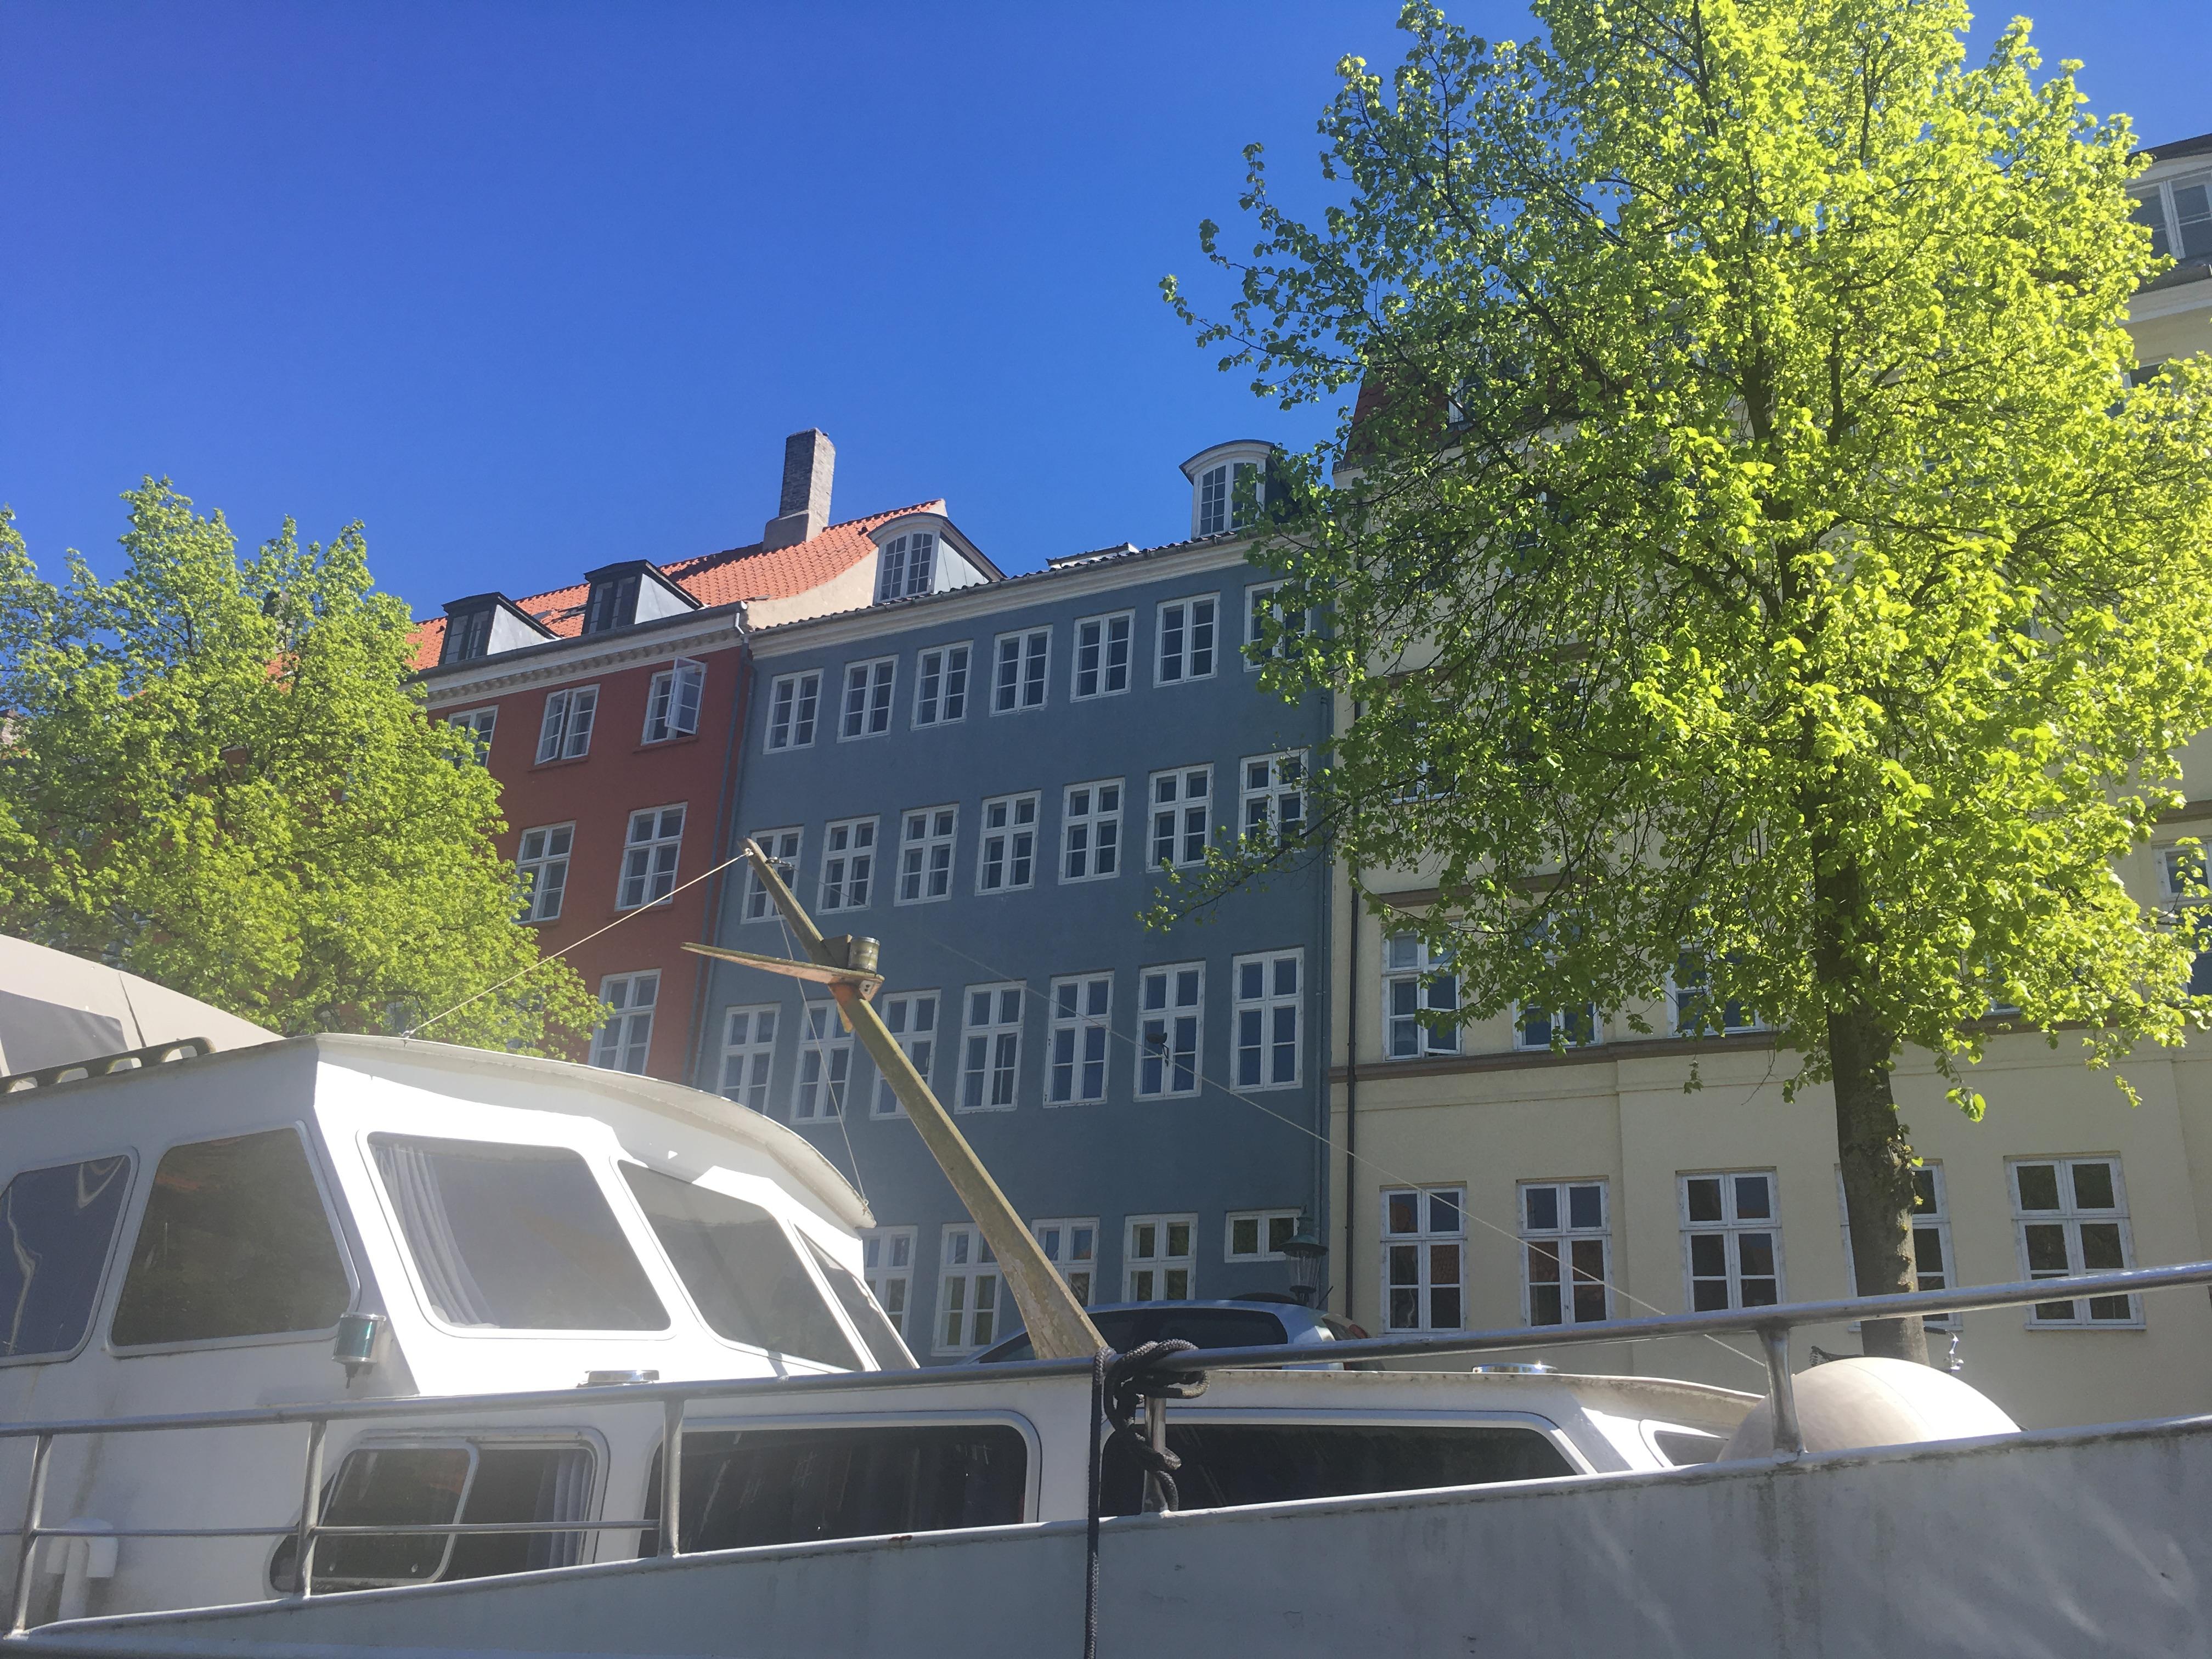 Christianshavn båd